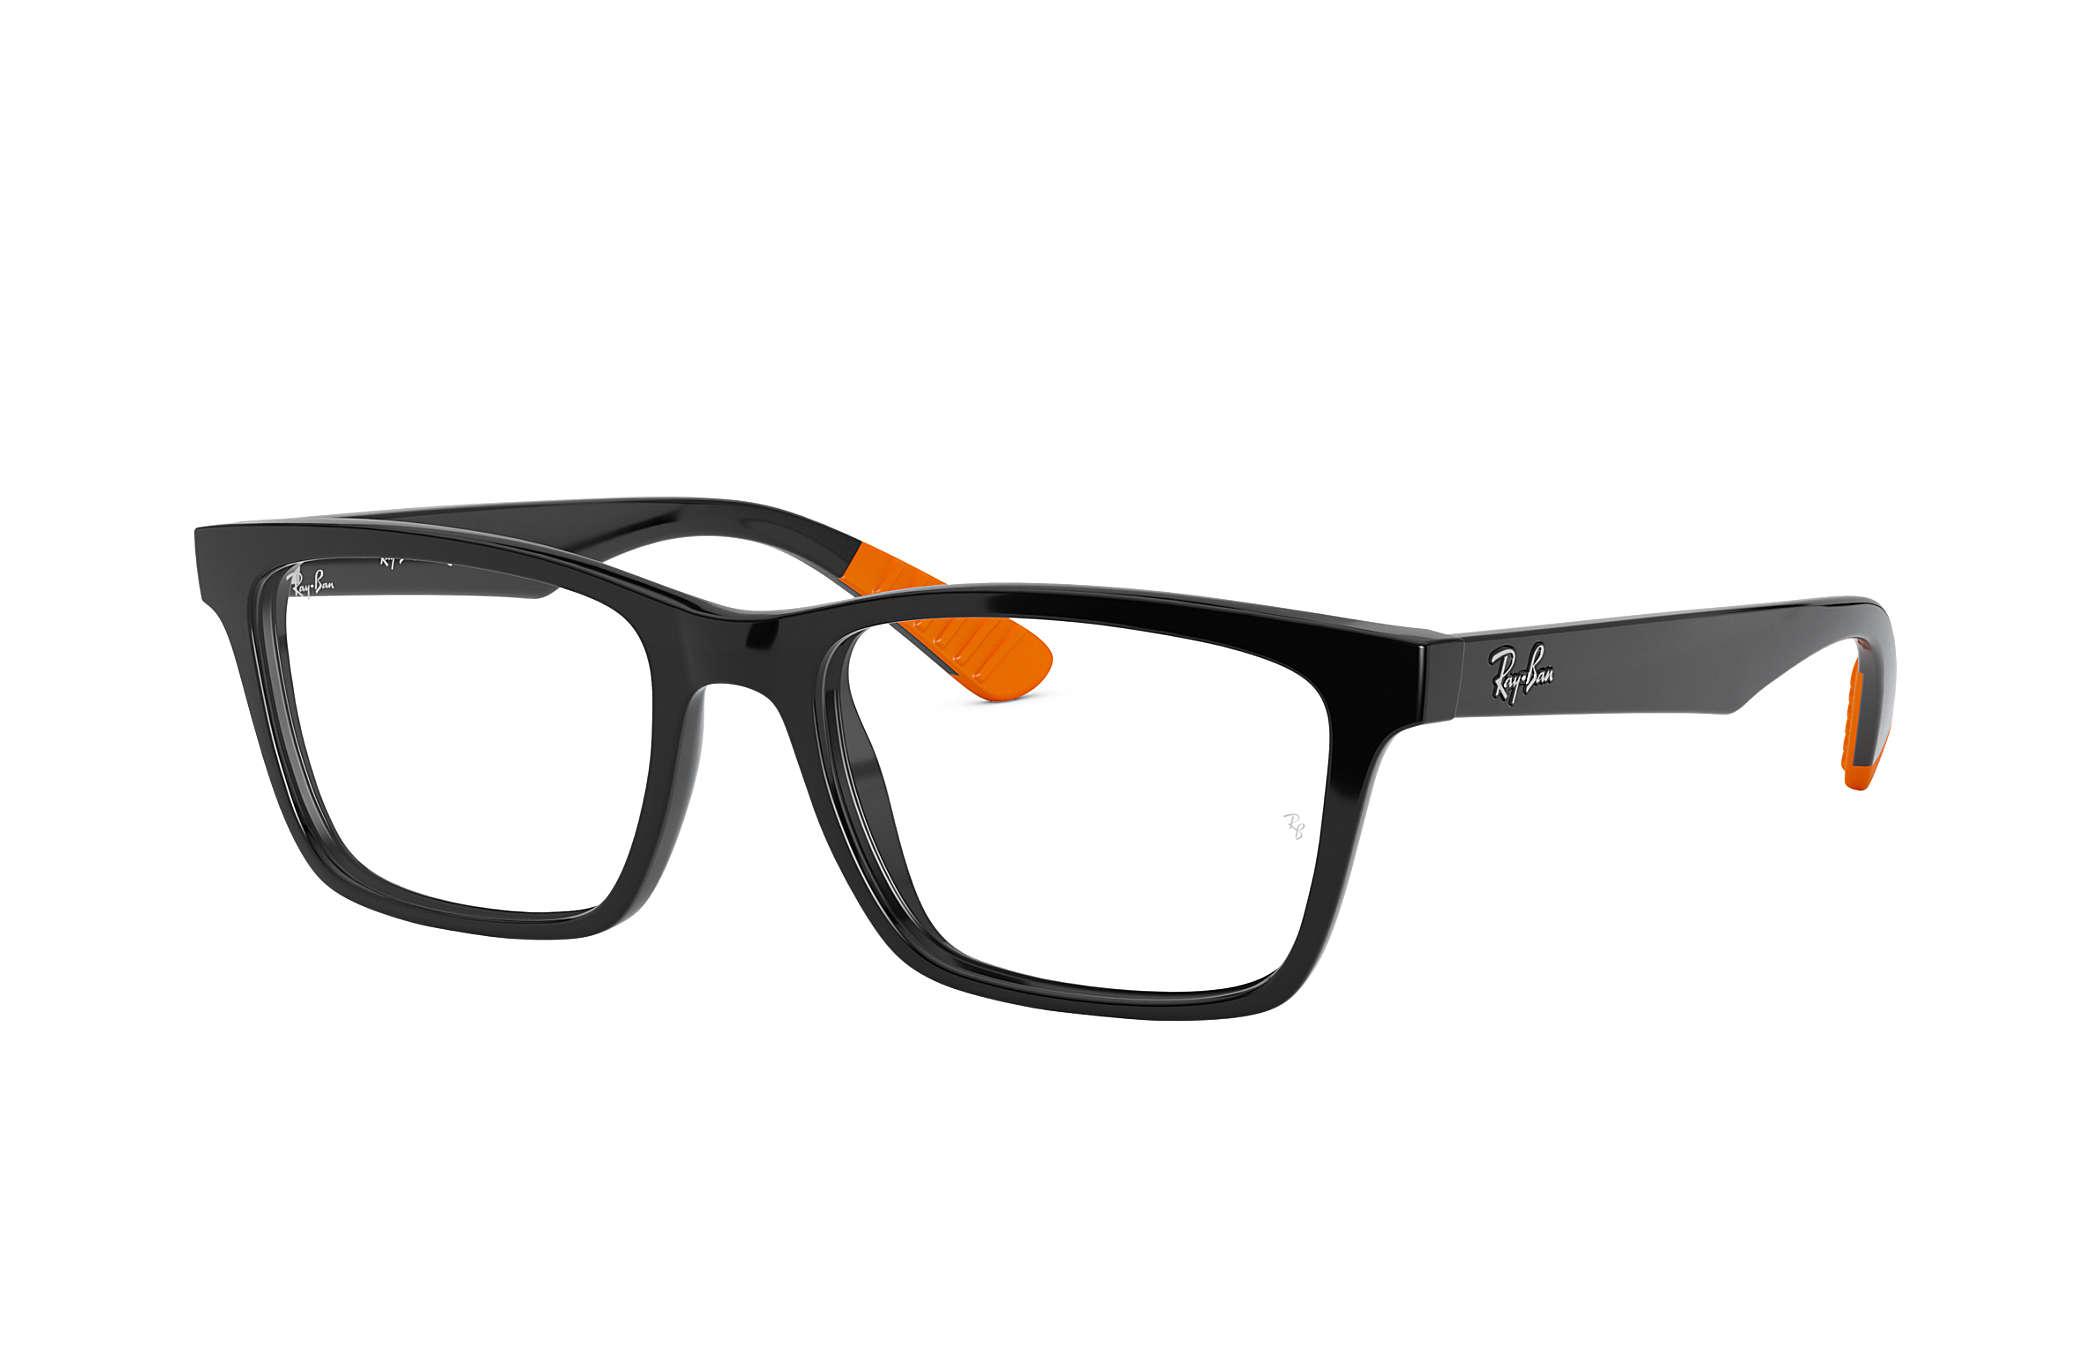 Ray-Ban eyeglasses RB7025 Black - Nylon - 0RX7025541753 | Ray-Ban ...